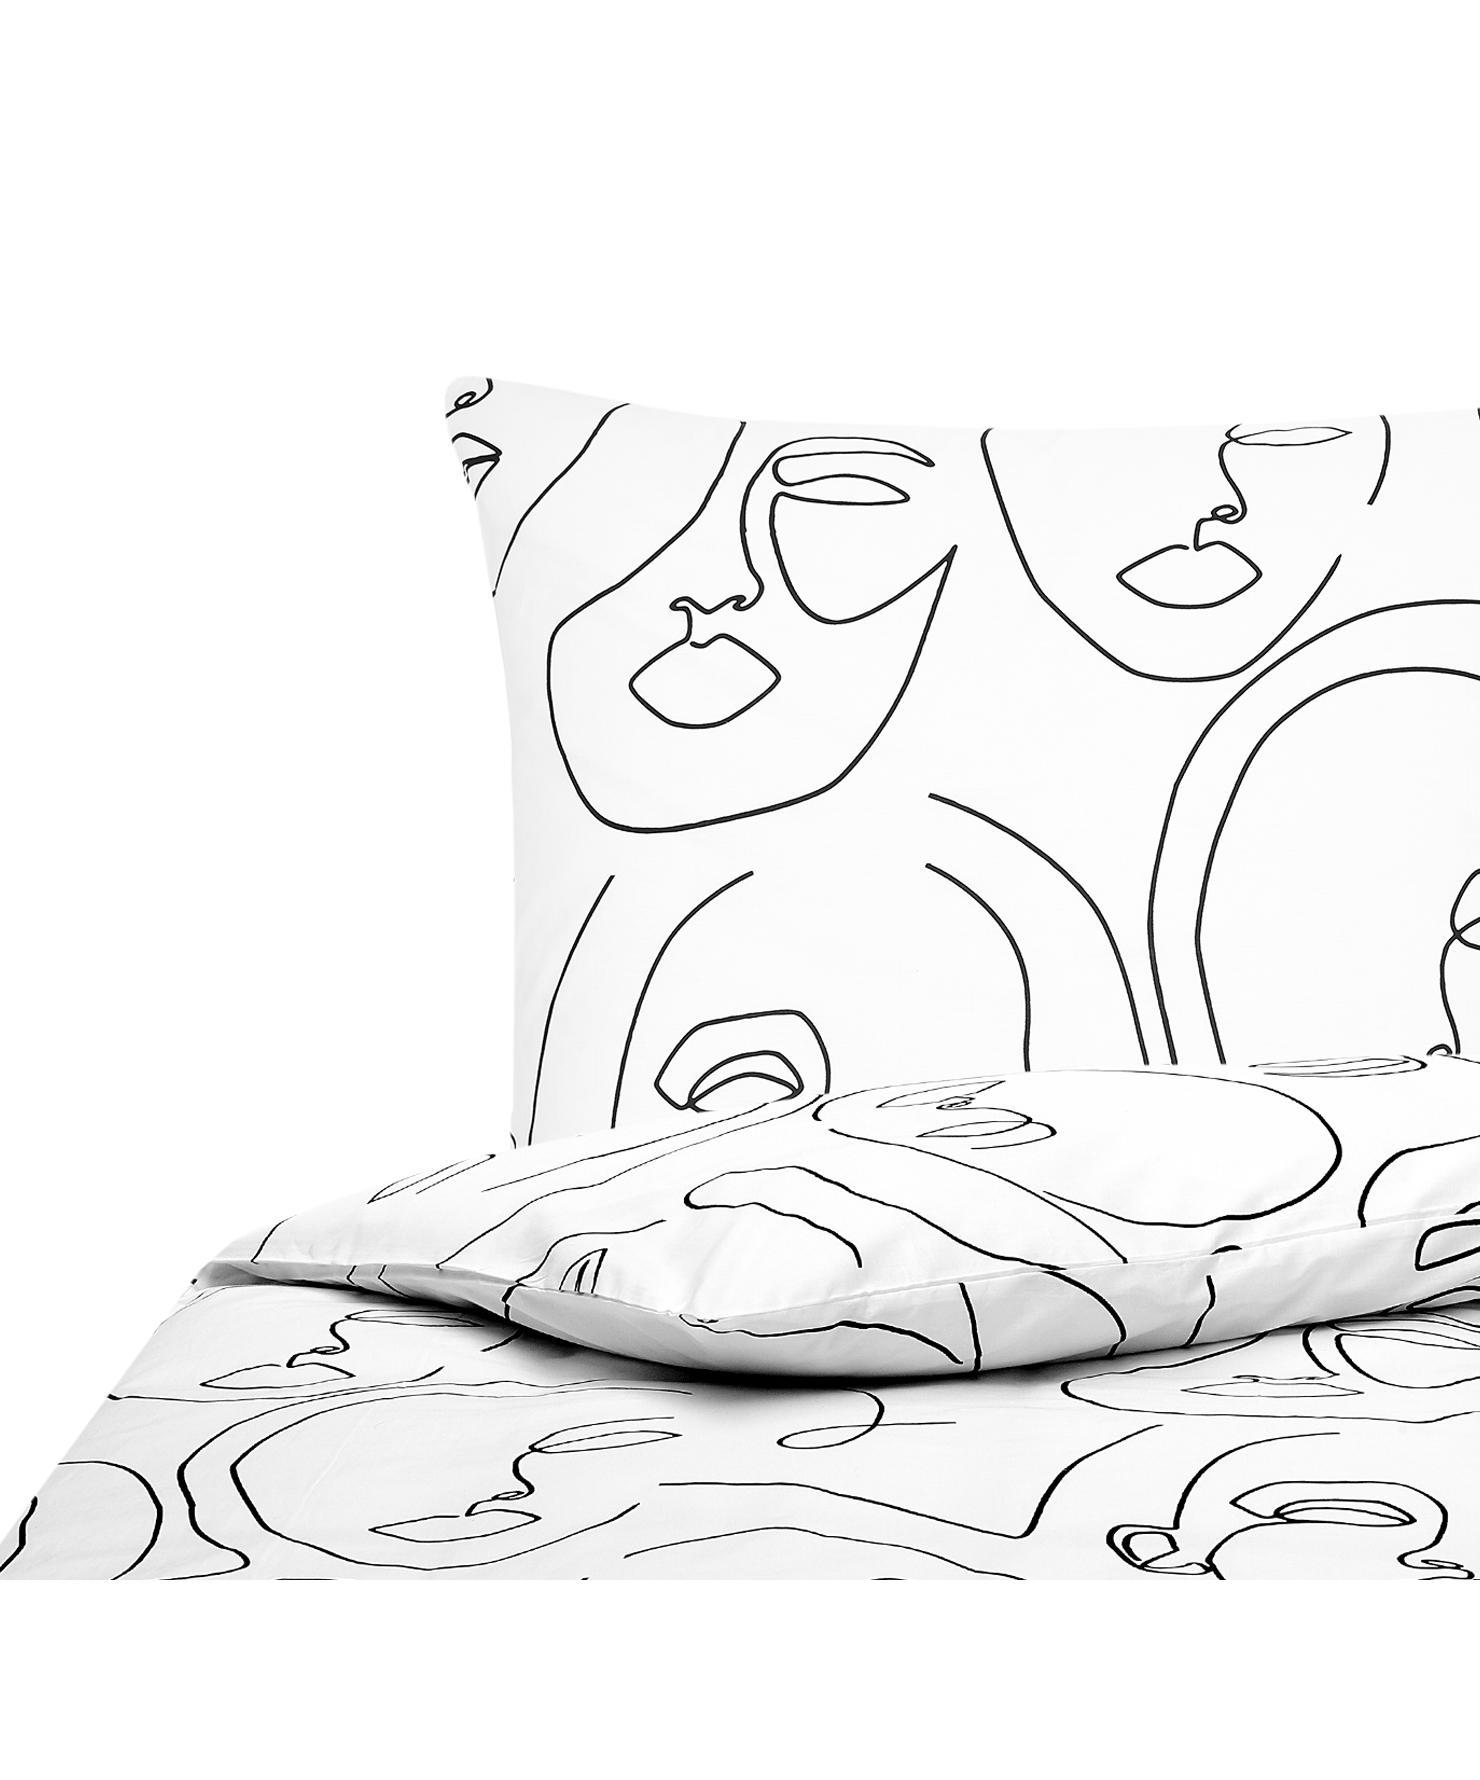 Perkal dekbedovertrek Aria, Weeftechniek: perkal Draaddichtheid 180, Wit, zwart, 140 x 200 cm